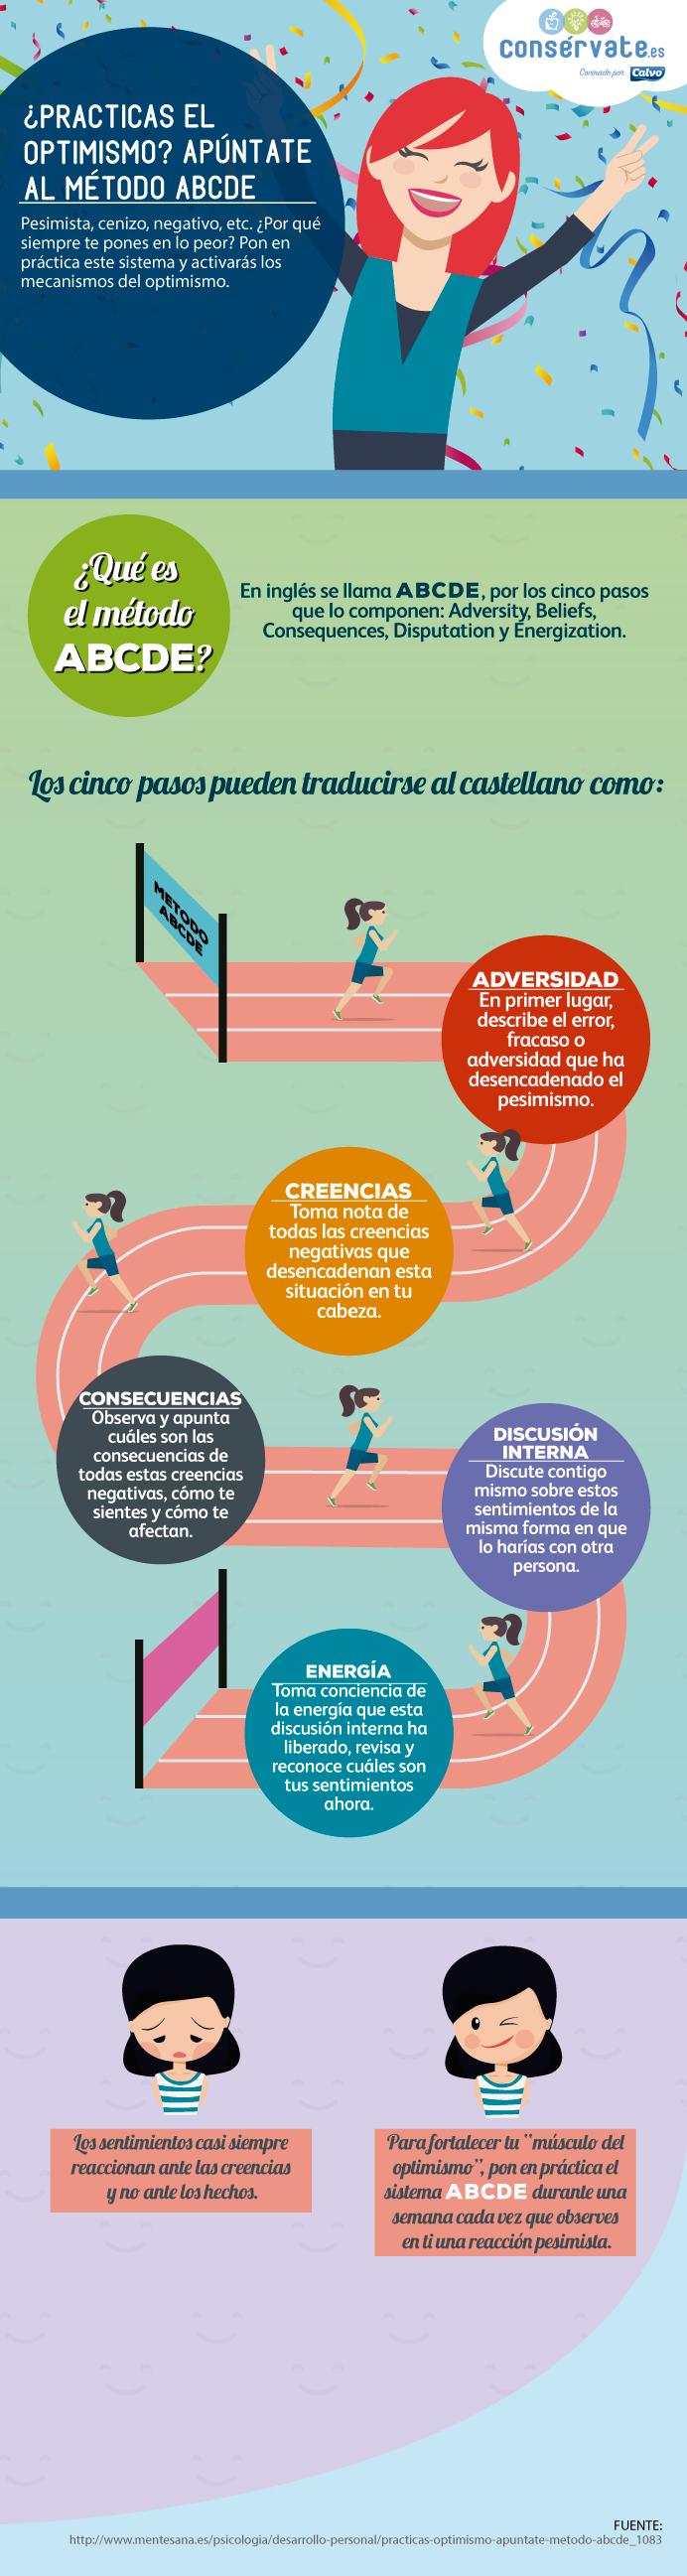 Método ABCDE para practicar el optimismo